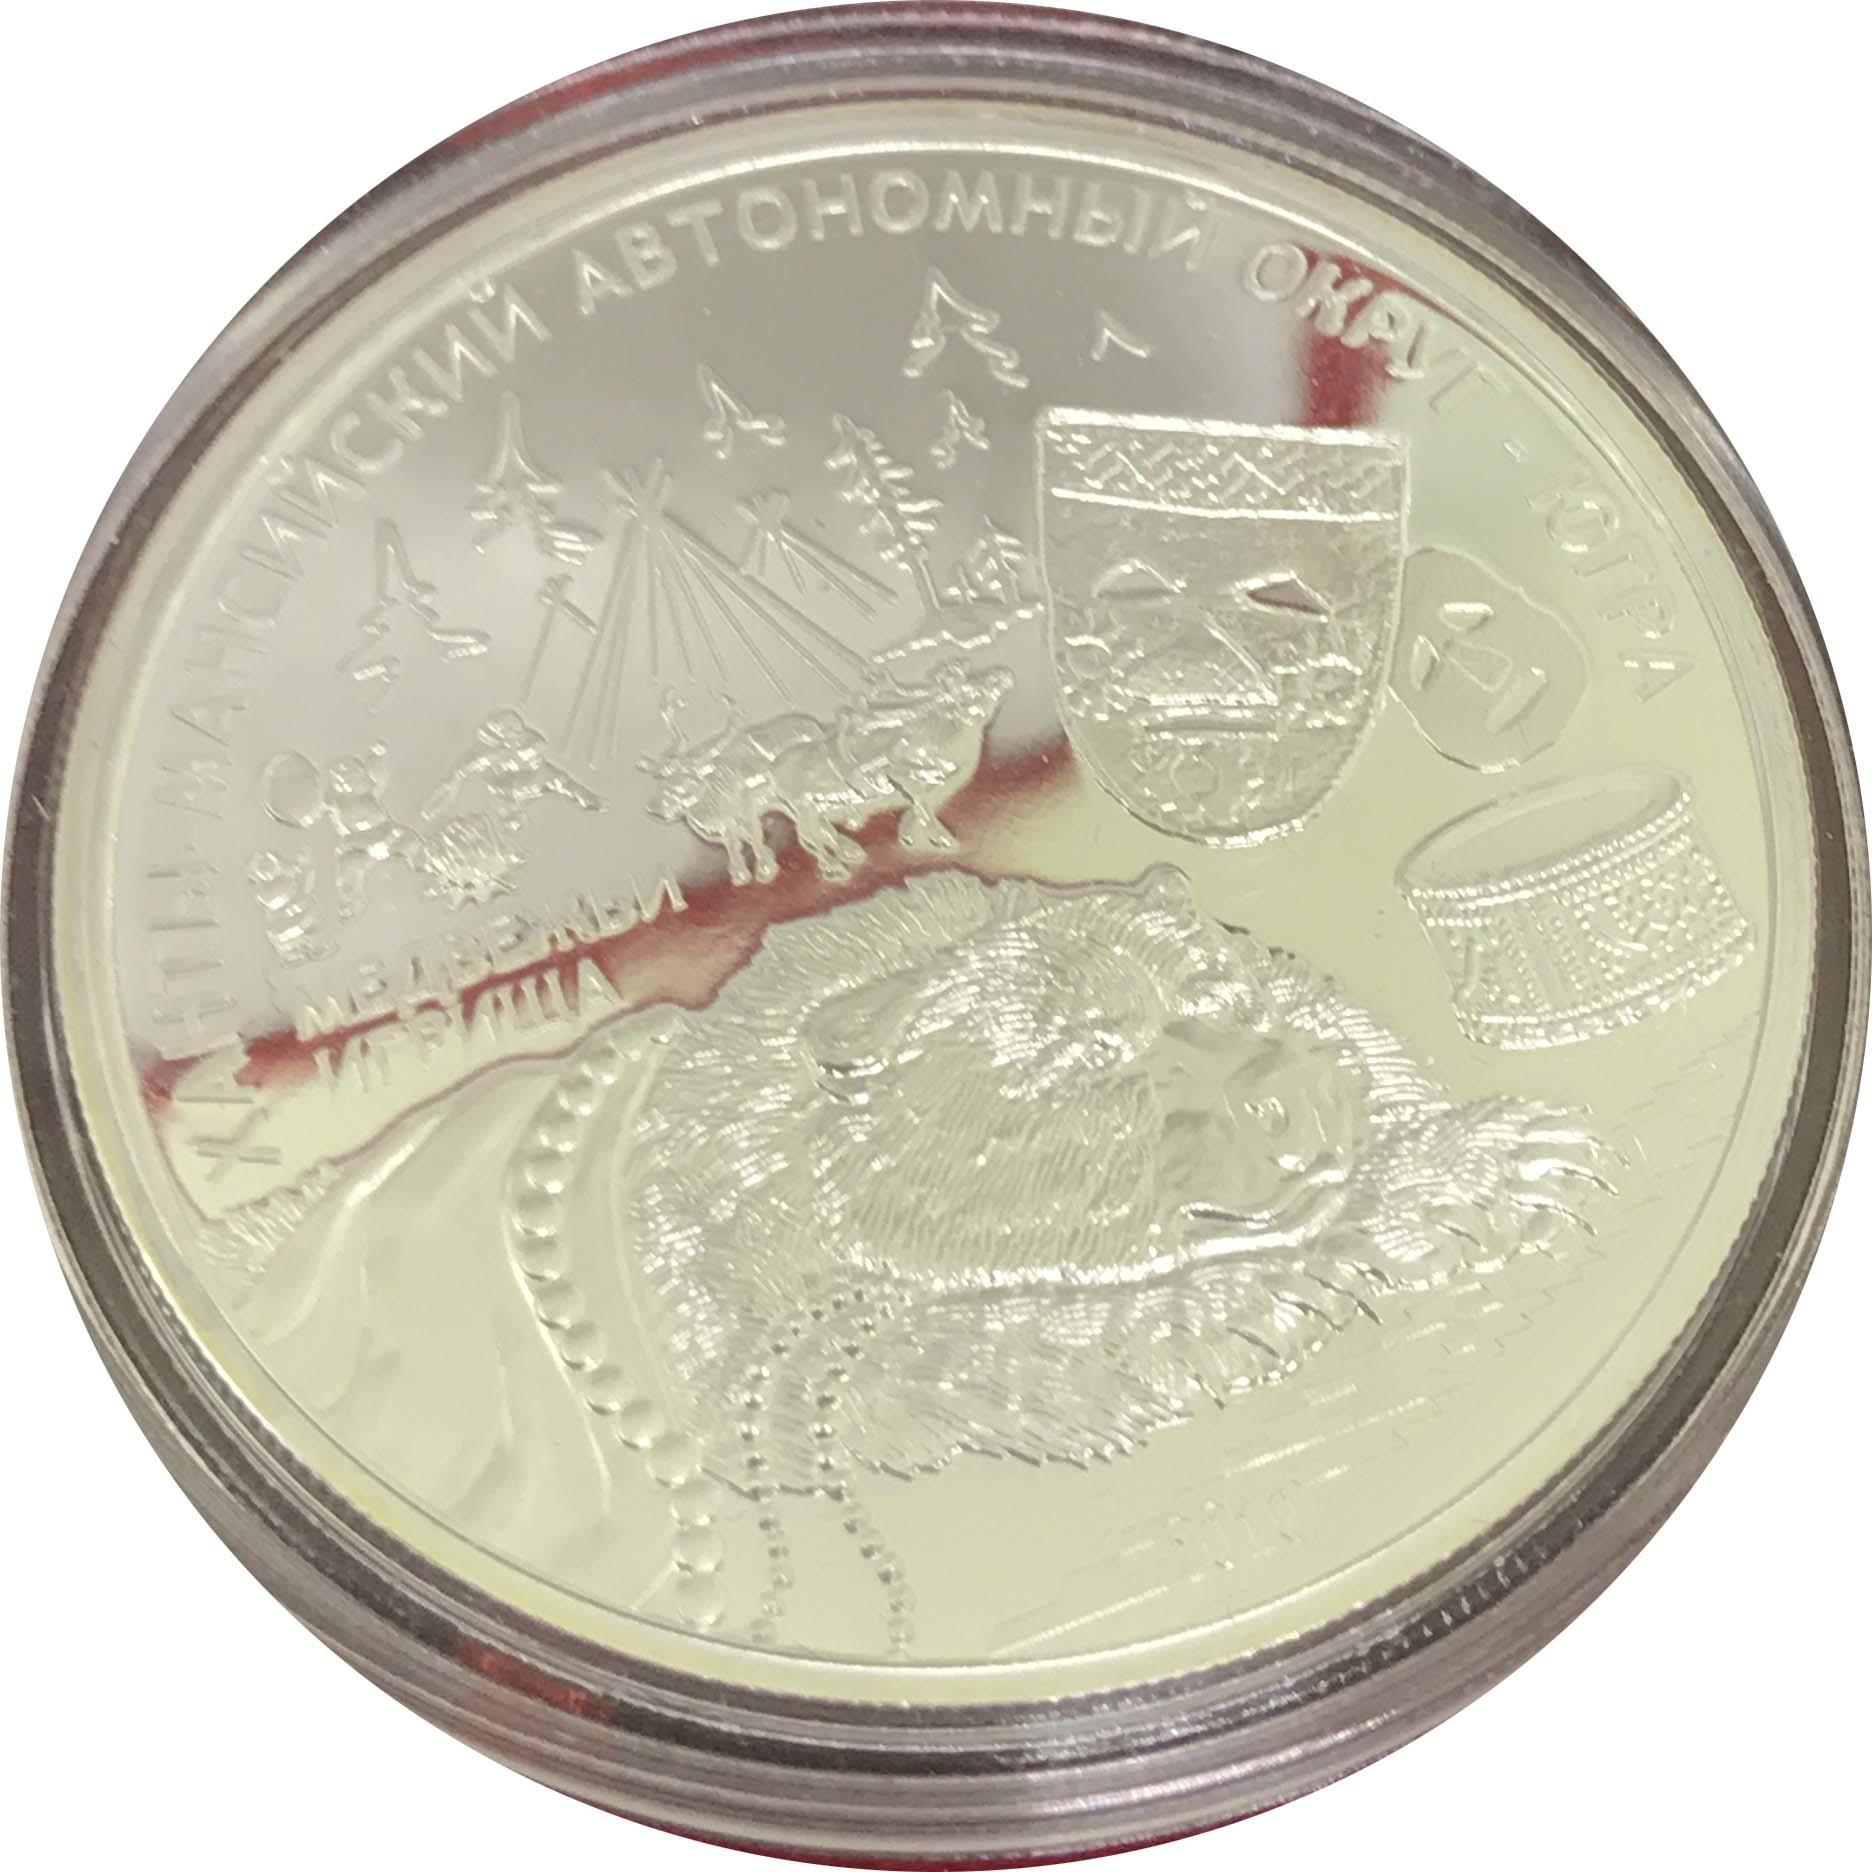 5 долларов, 2010 год. Ханты-Мансийский Автономный округ - Югра. Медвежьи игрища